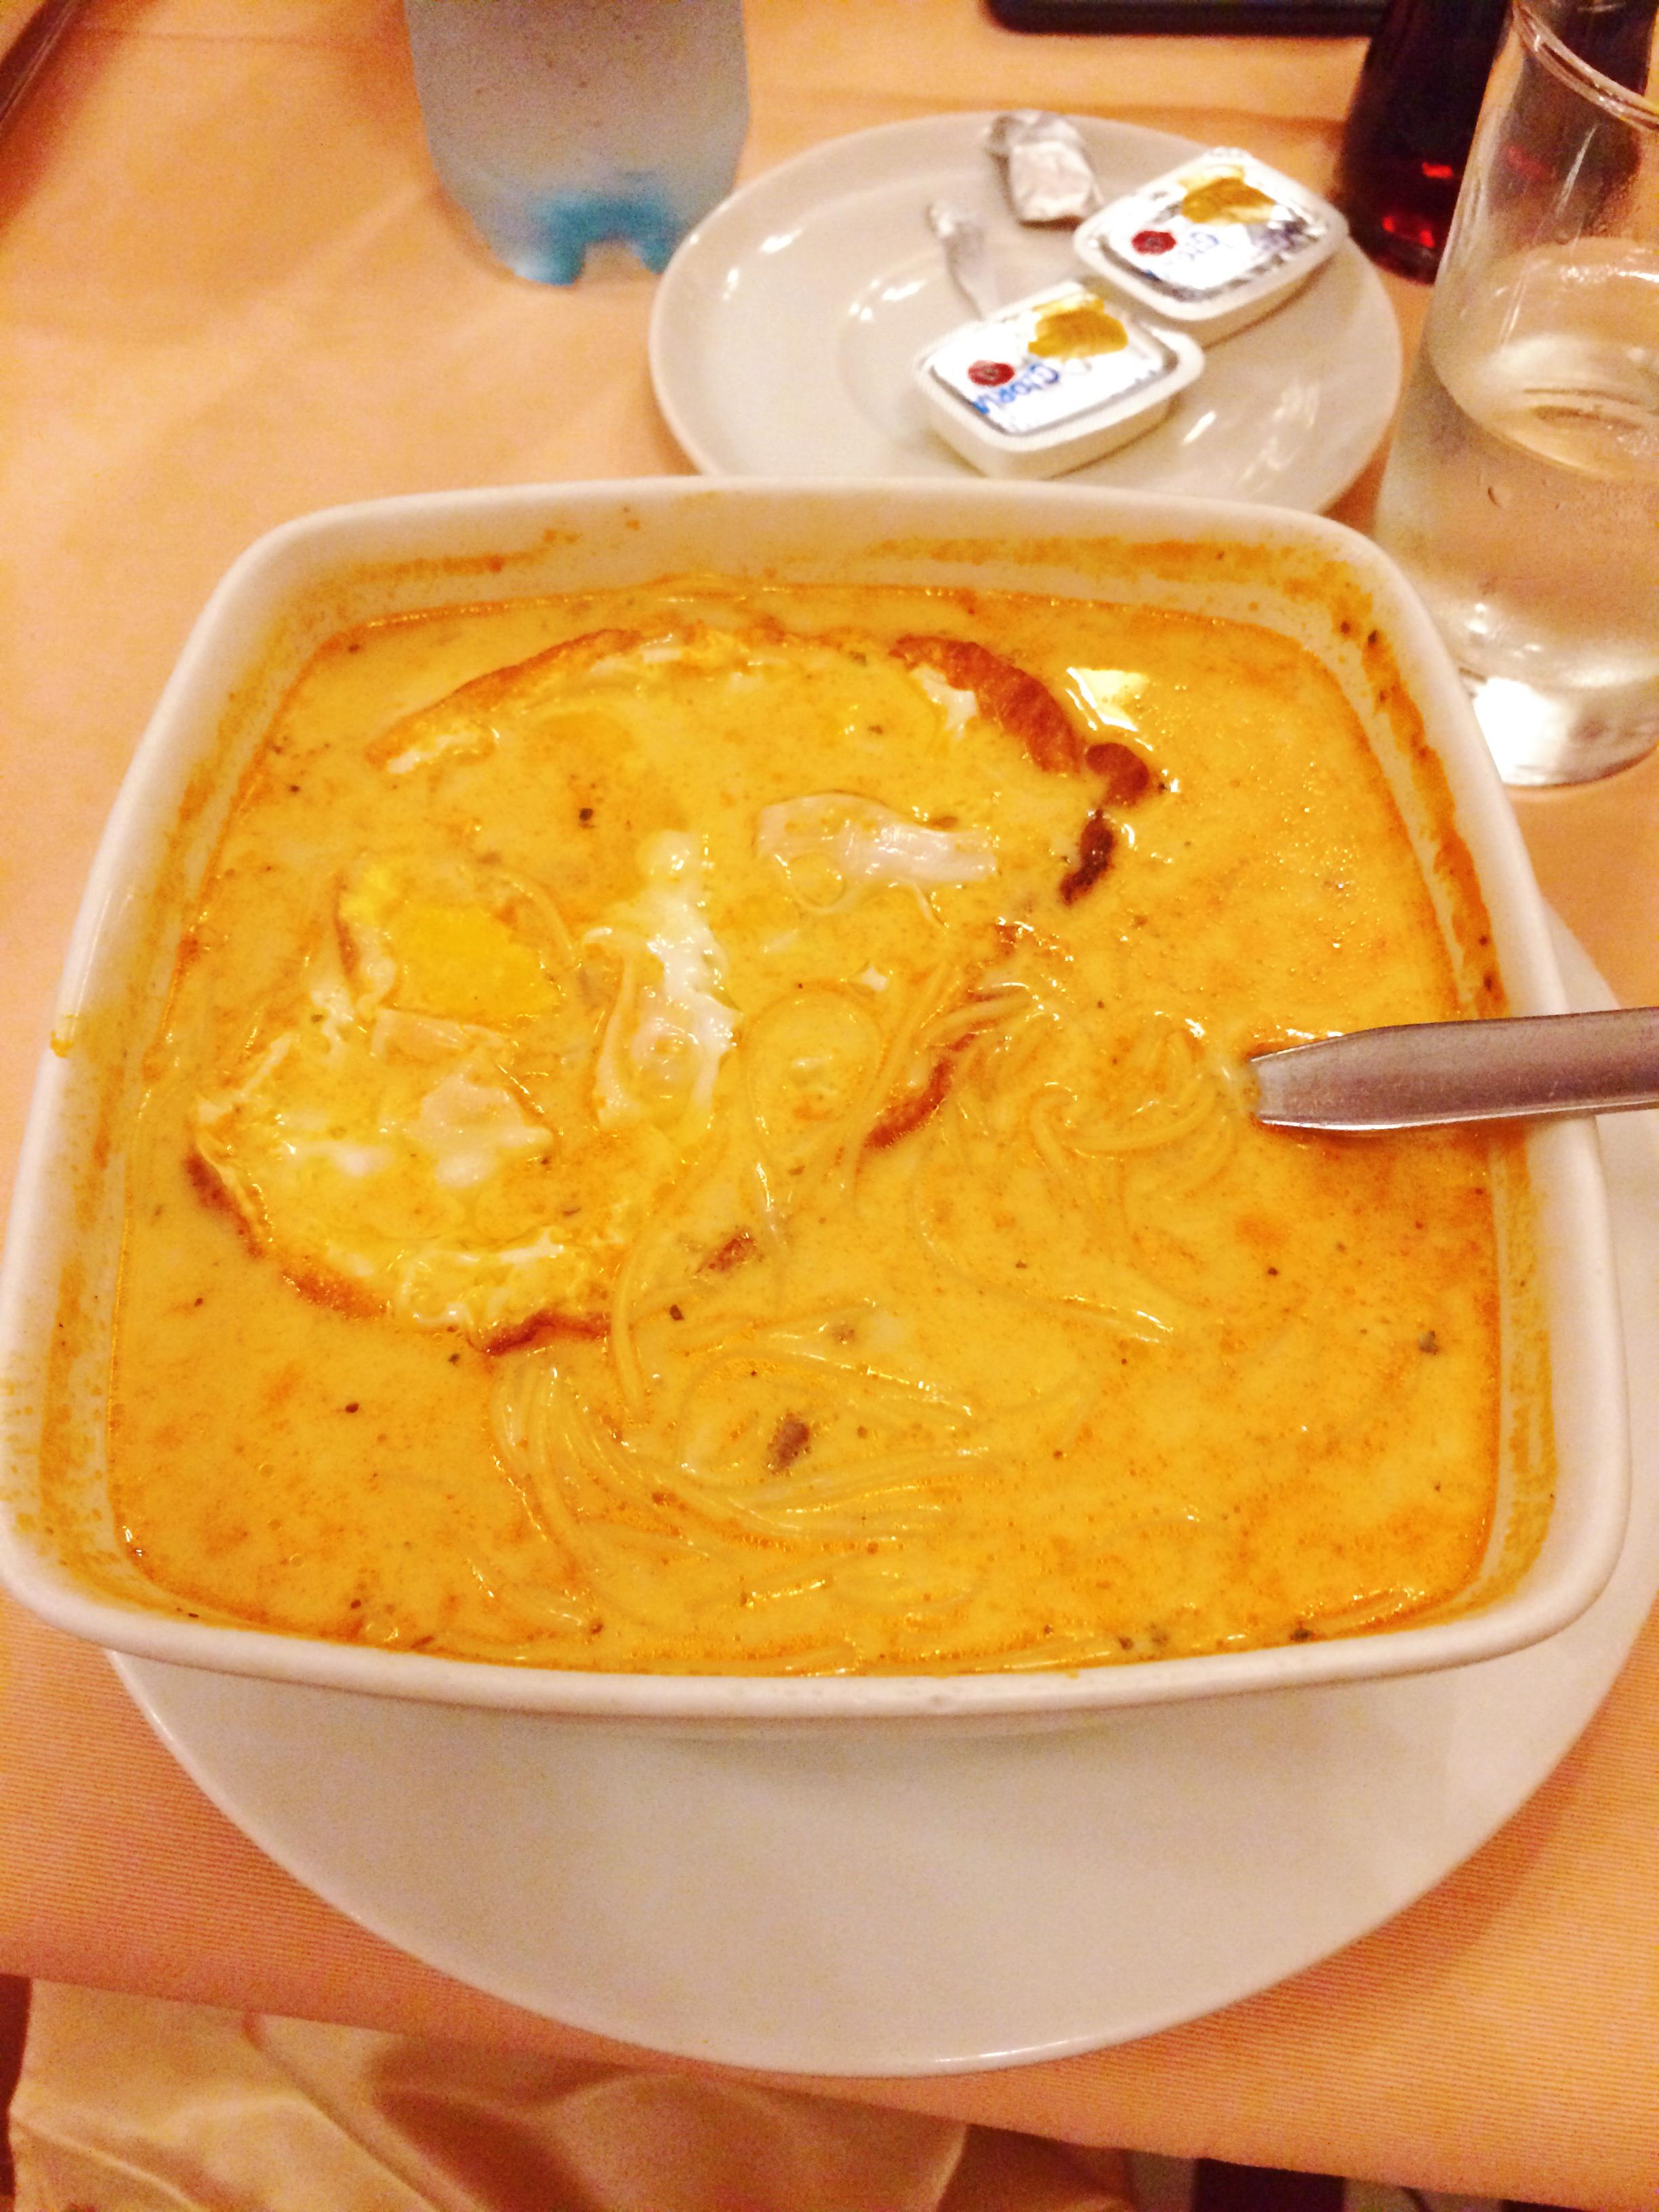 Sopa a la minuta (yo creía que era Sopa criolla, pero después me enteré que era a la minuta!!) Es riquísima.